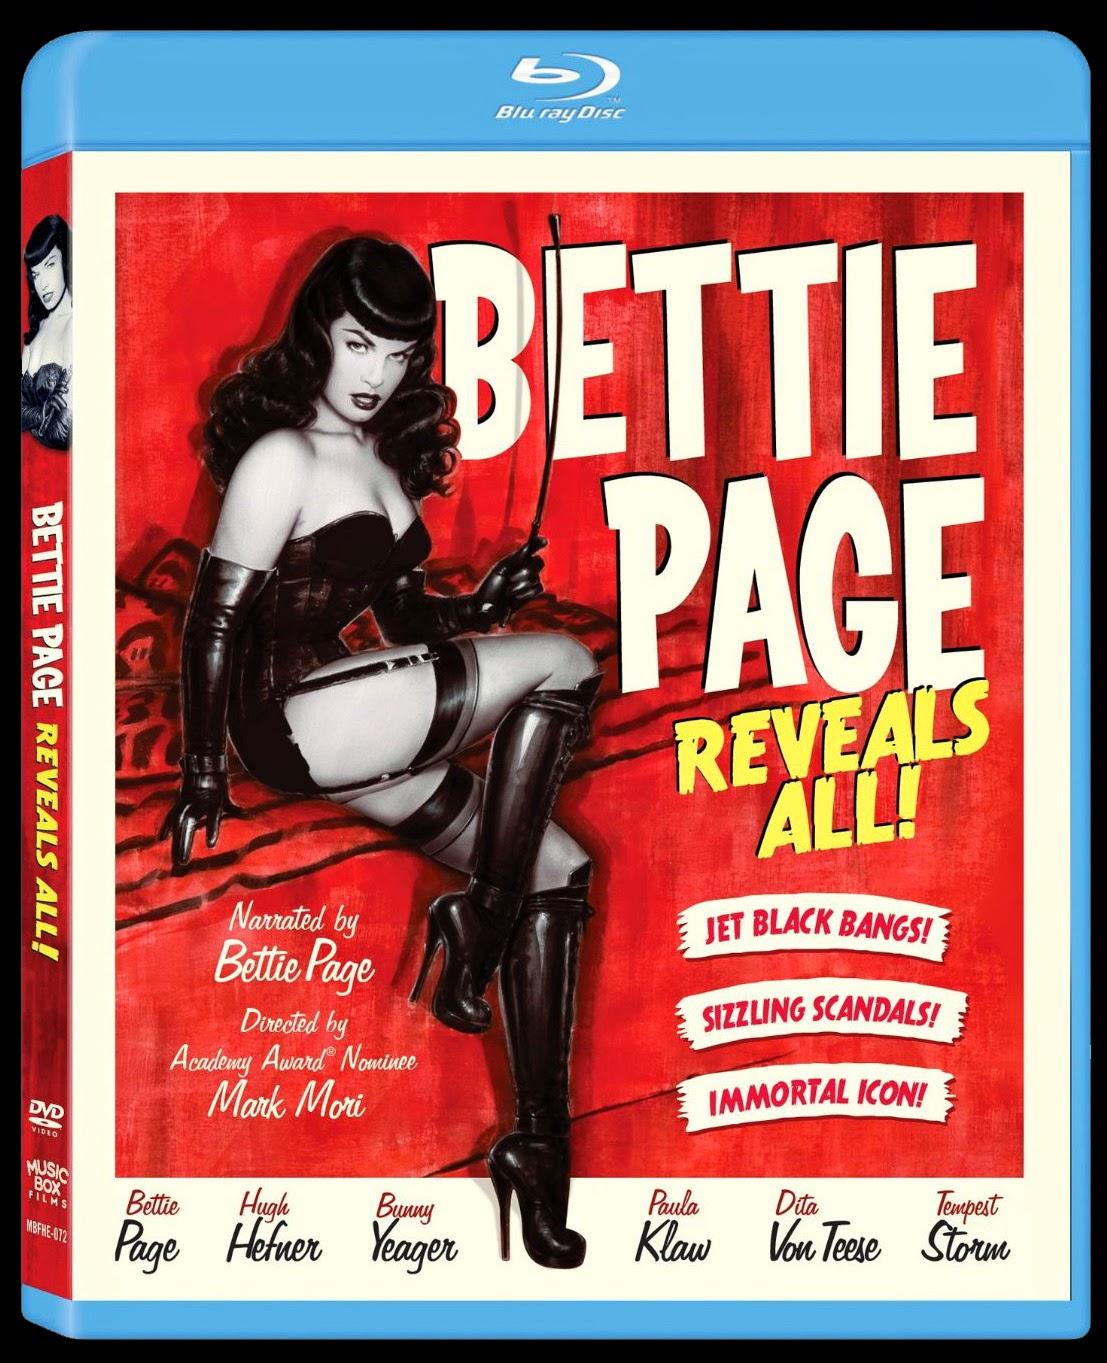 http://1.bp.blogspot.com/-53uUfBoBjdc/U2ElxVczdyI/AAAAAAAASV4/mepCXeDIJL0/s1600/Betty_Page_Bluray.jpg